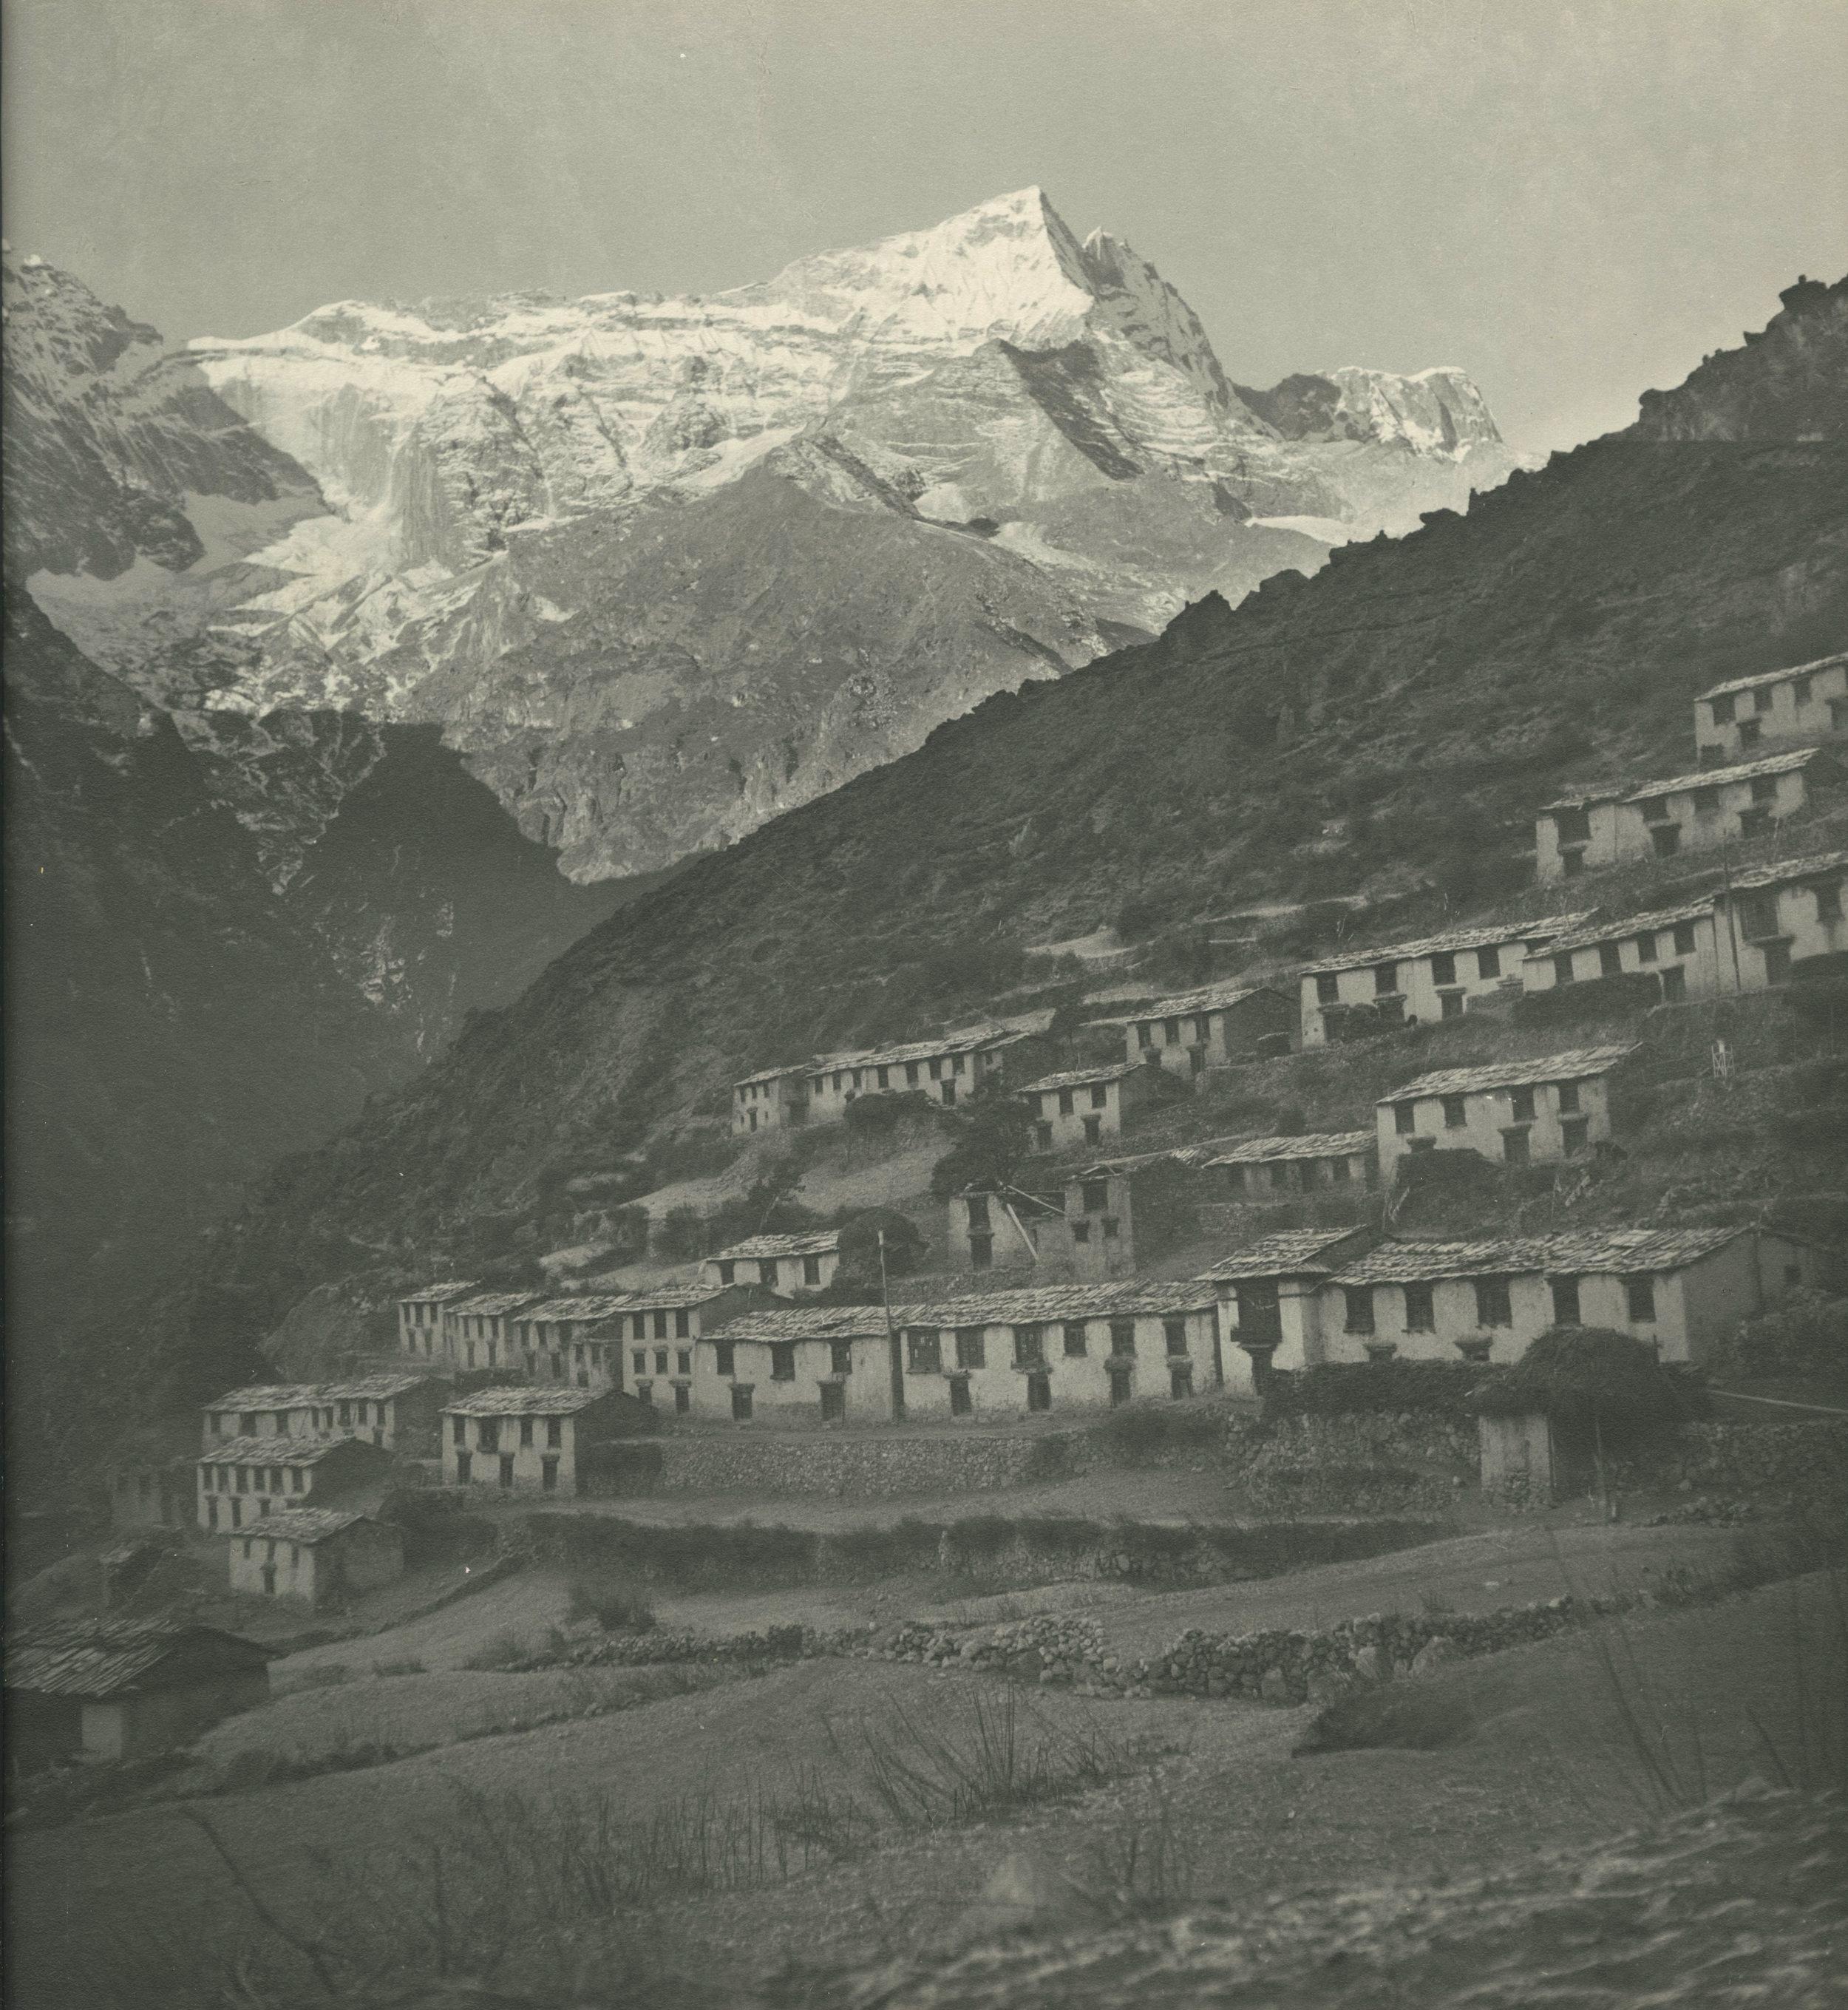 Namche Bazaar in 1950